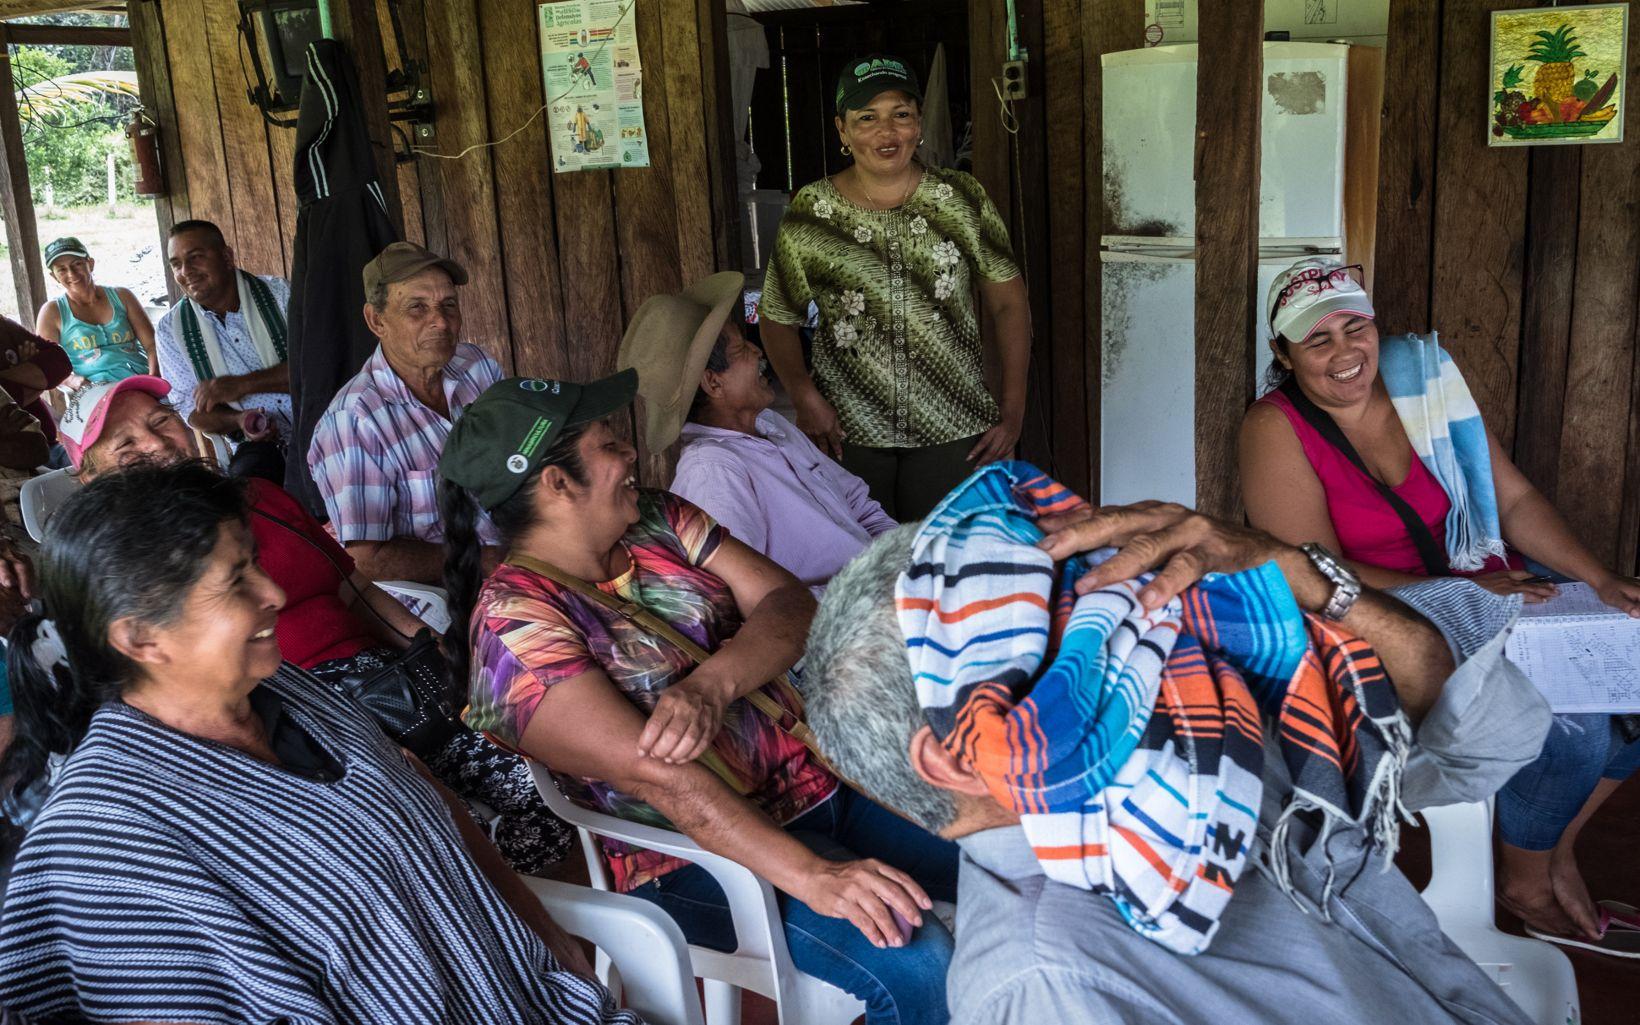 La ganadería es un sector muy tradicional en Colombia que busca reinventarse y adaptarse al cambio climático. El proyecto GCS fue un acercamiento exitoso a esta transición.